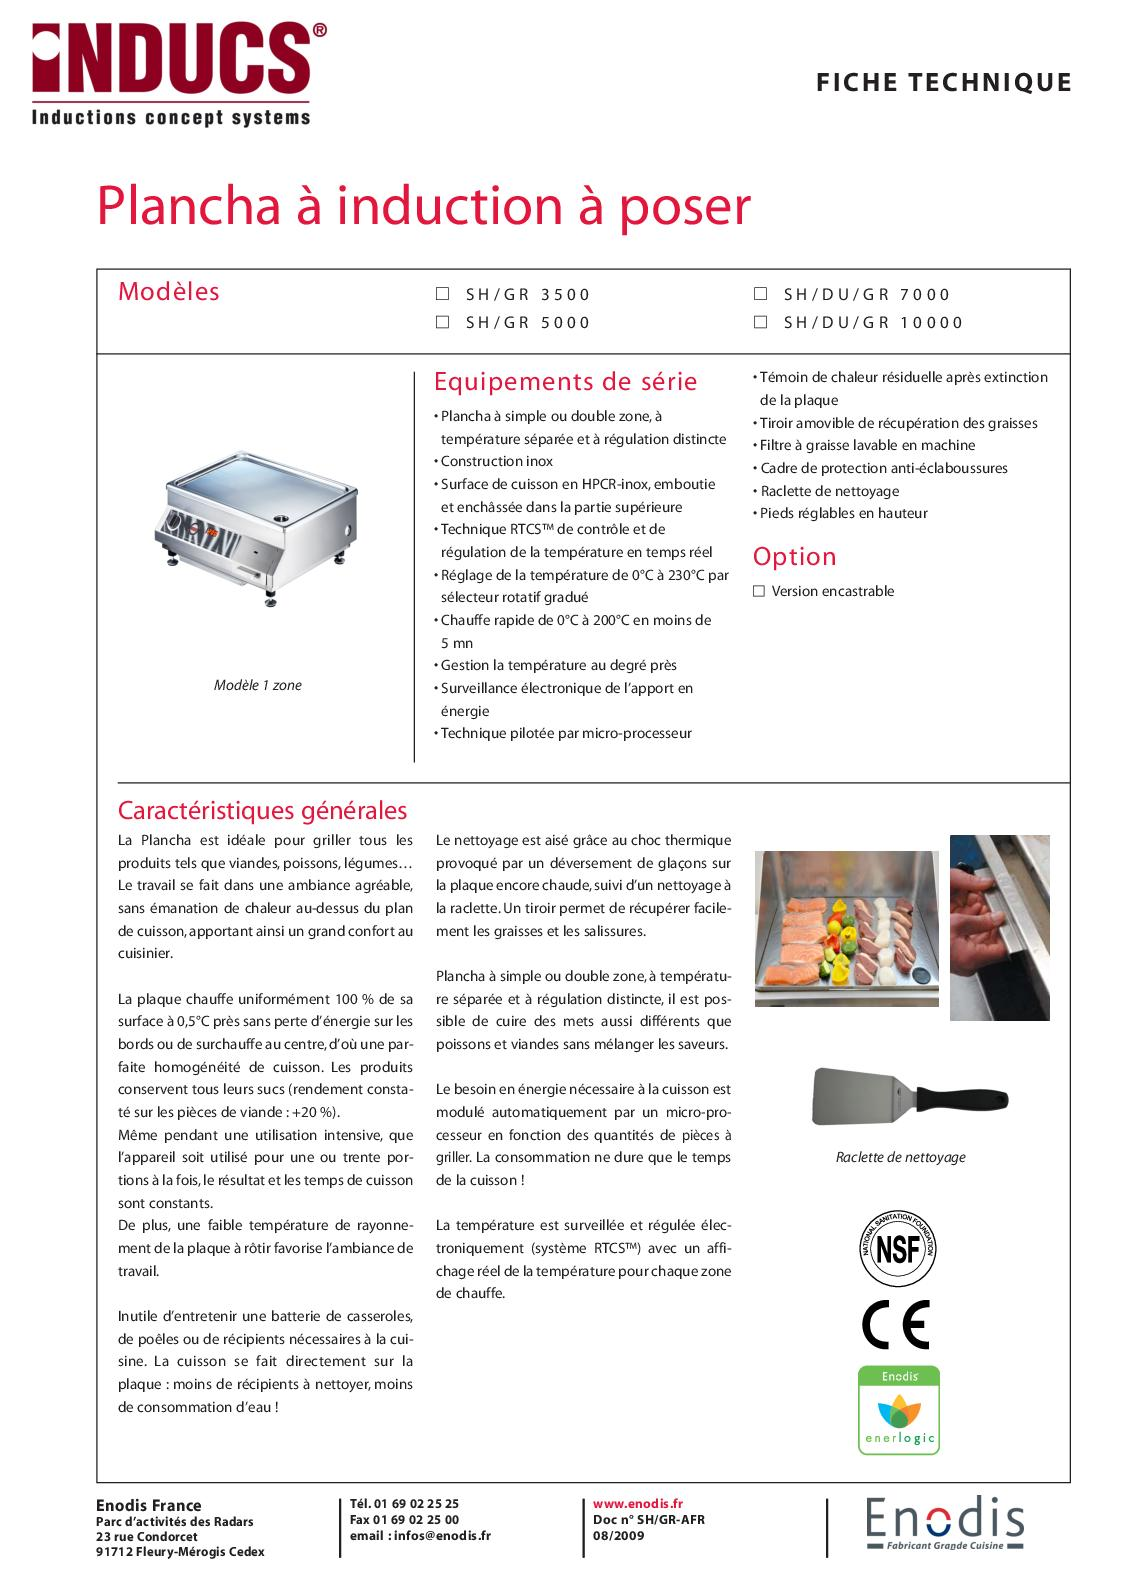 Produit Pour Nettoyer Plaque À Induction calaméo - enodis - ft induction plancha